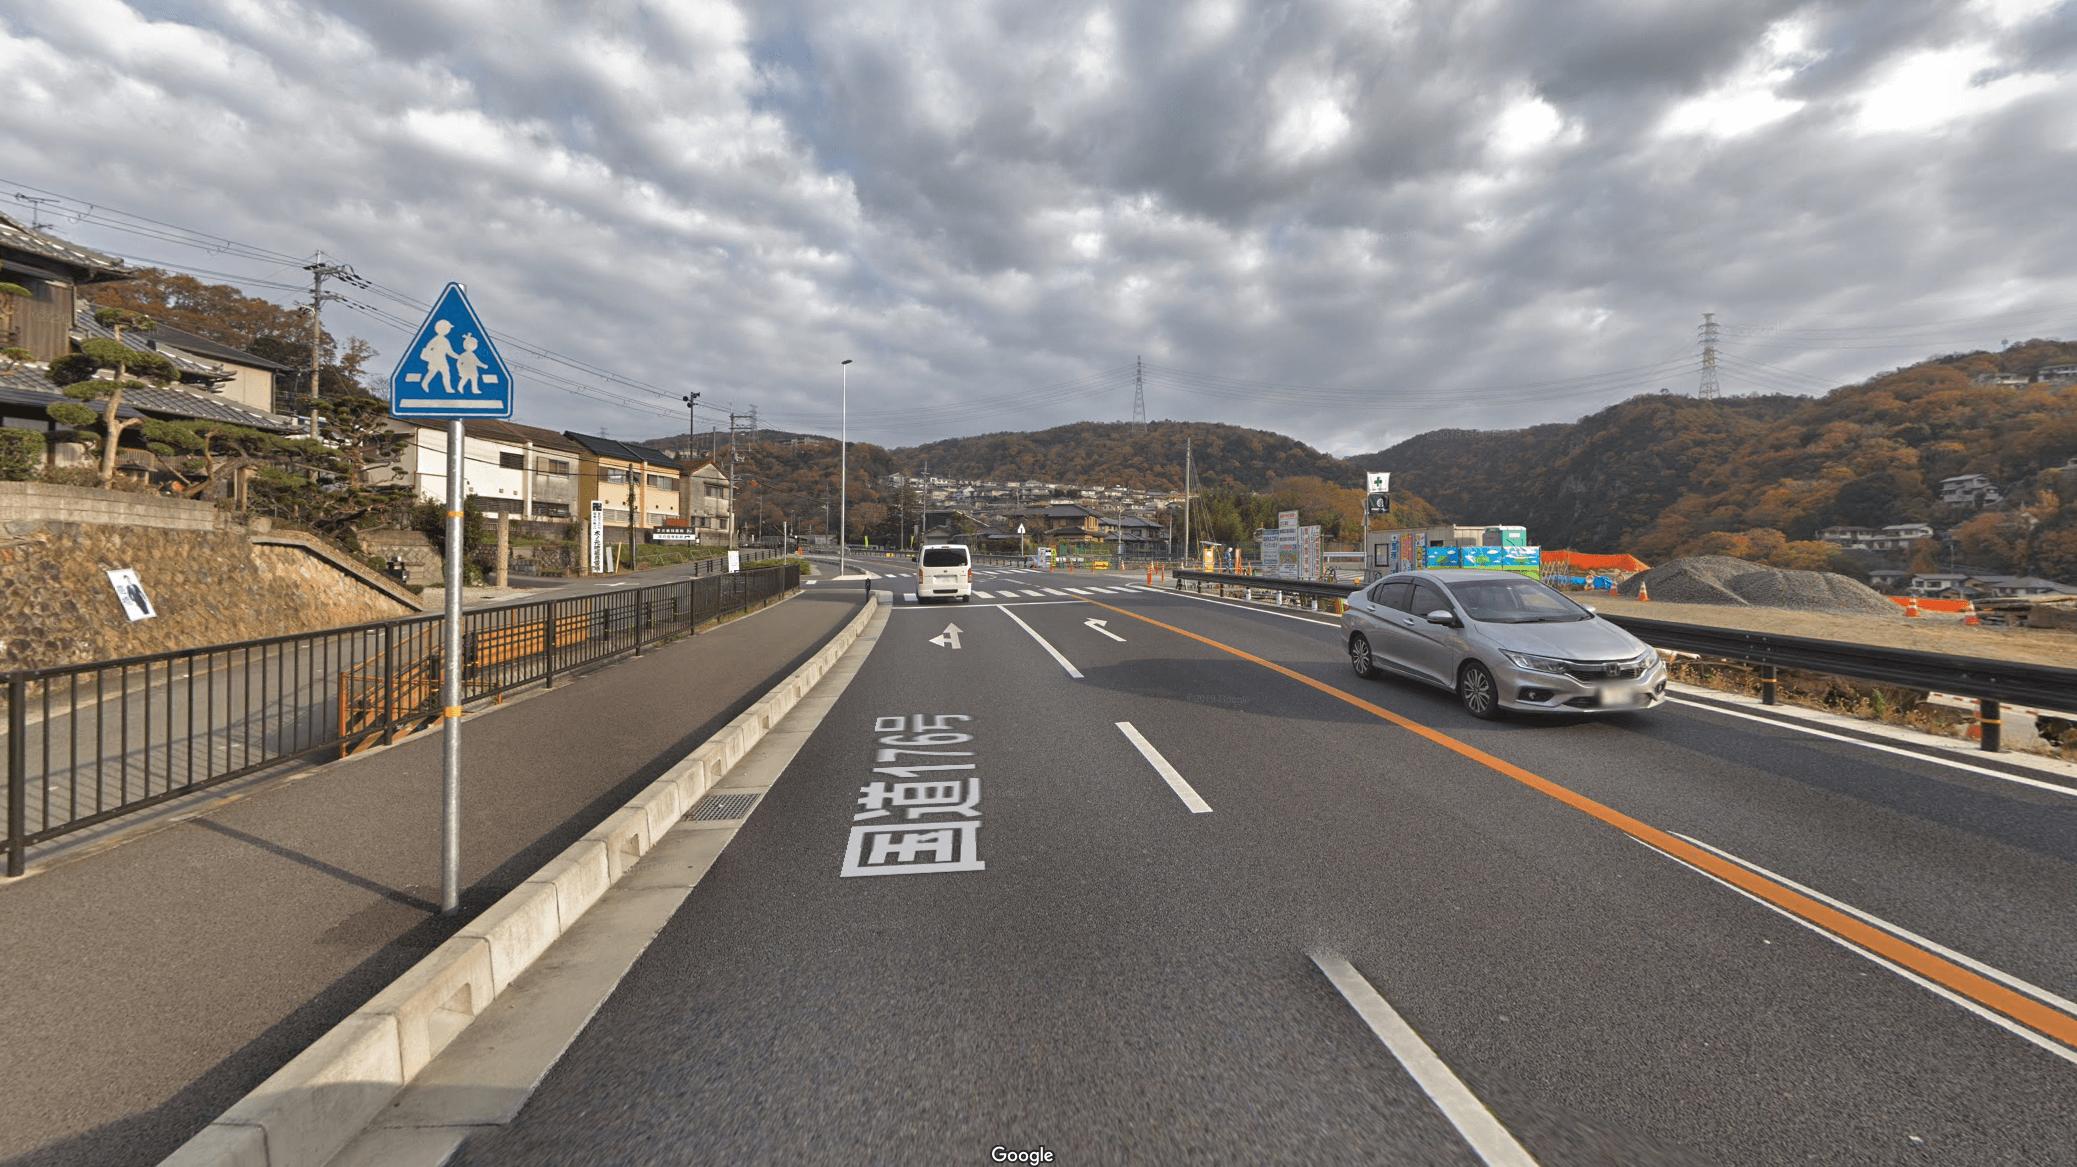 中国自動車道を通過後すぐを右折